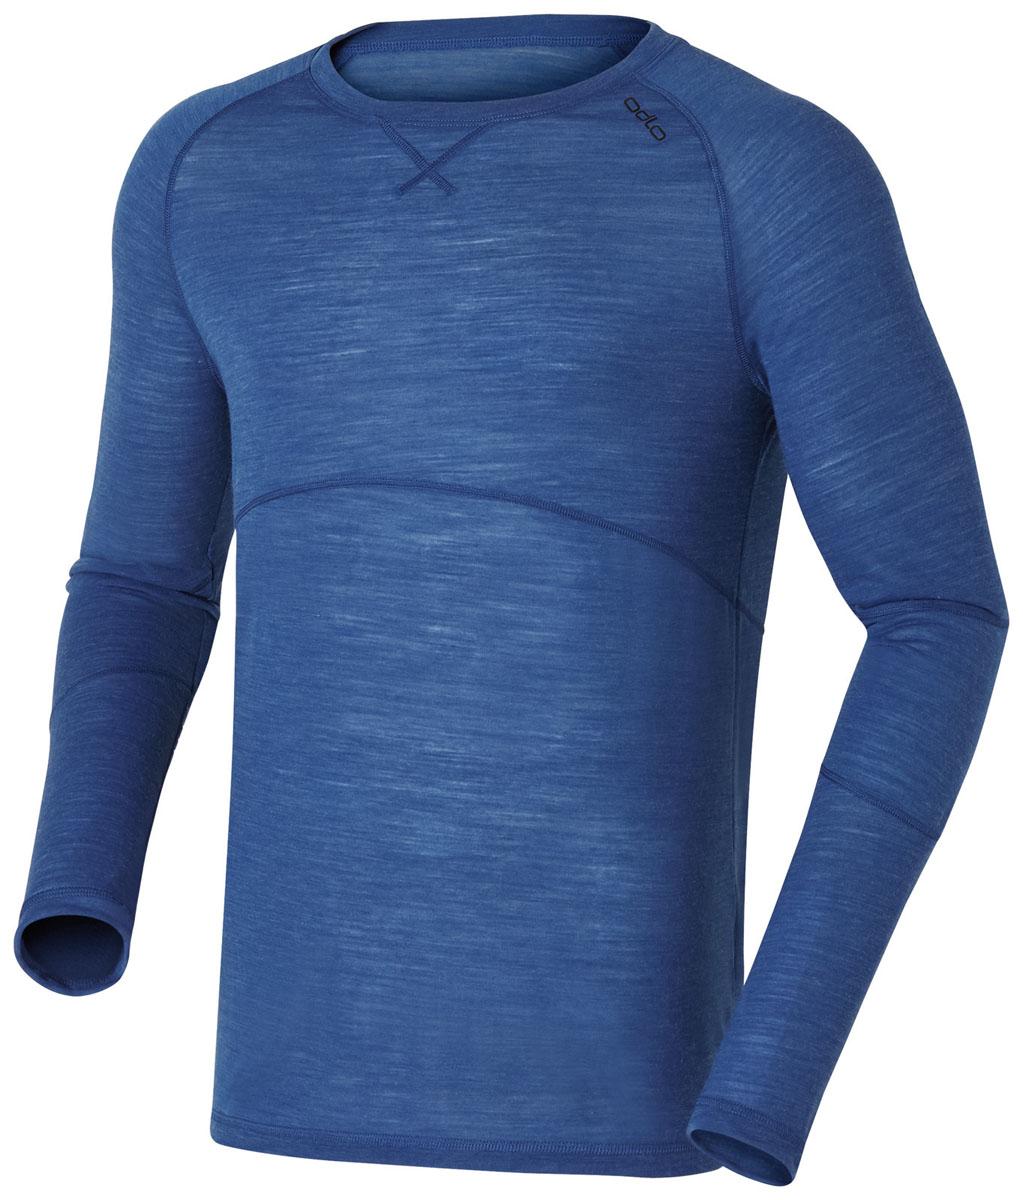 Термобелье кофта110072_20175Мужская футболка с длинным рукавом Odlo Revolution Light идеально подходит для отдыха в горах, чем бы вы ни занимались - катанием на лыжах, прогулкой или просто нахождением на открытом воздухе! Футболка обладает высокой транспортировкой влаги, высокой эластичностью и быстро высыхает. Модель с длинными рукавами-реглан изготовлена из полиэстера с добавлением натуральной шерсти. Высококачественная мериносовая шерсть защищает от неприятных запахов и дарит комфорт до, и после лыжни. Полиэстер дает влаге испариться, обеспечивая тепло и комфорт.